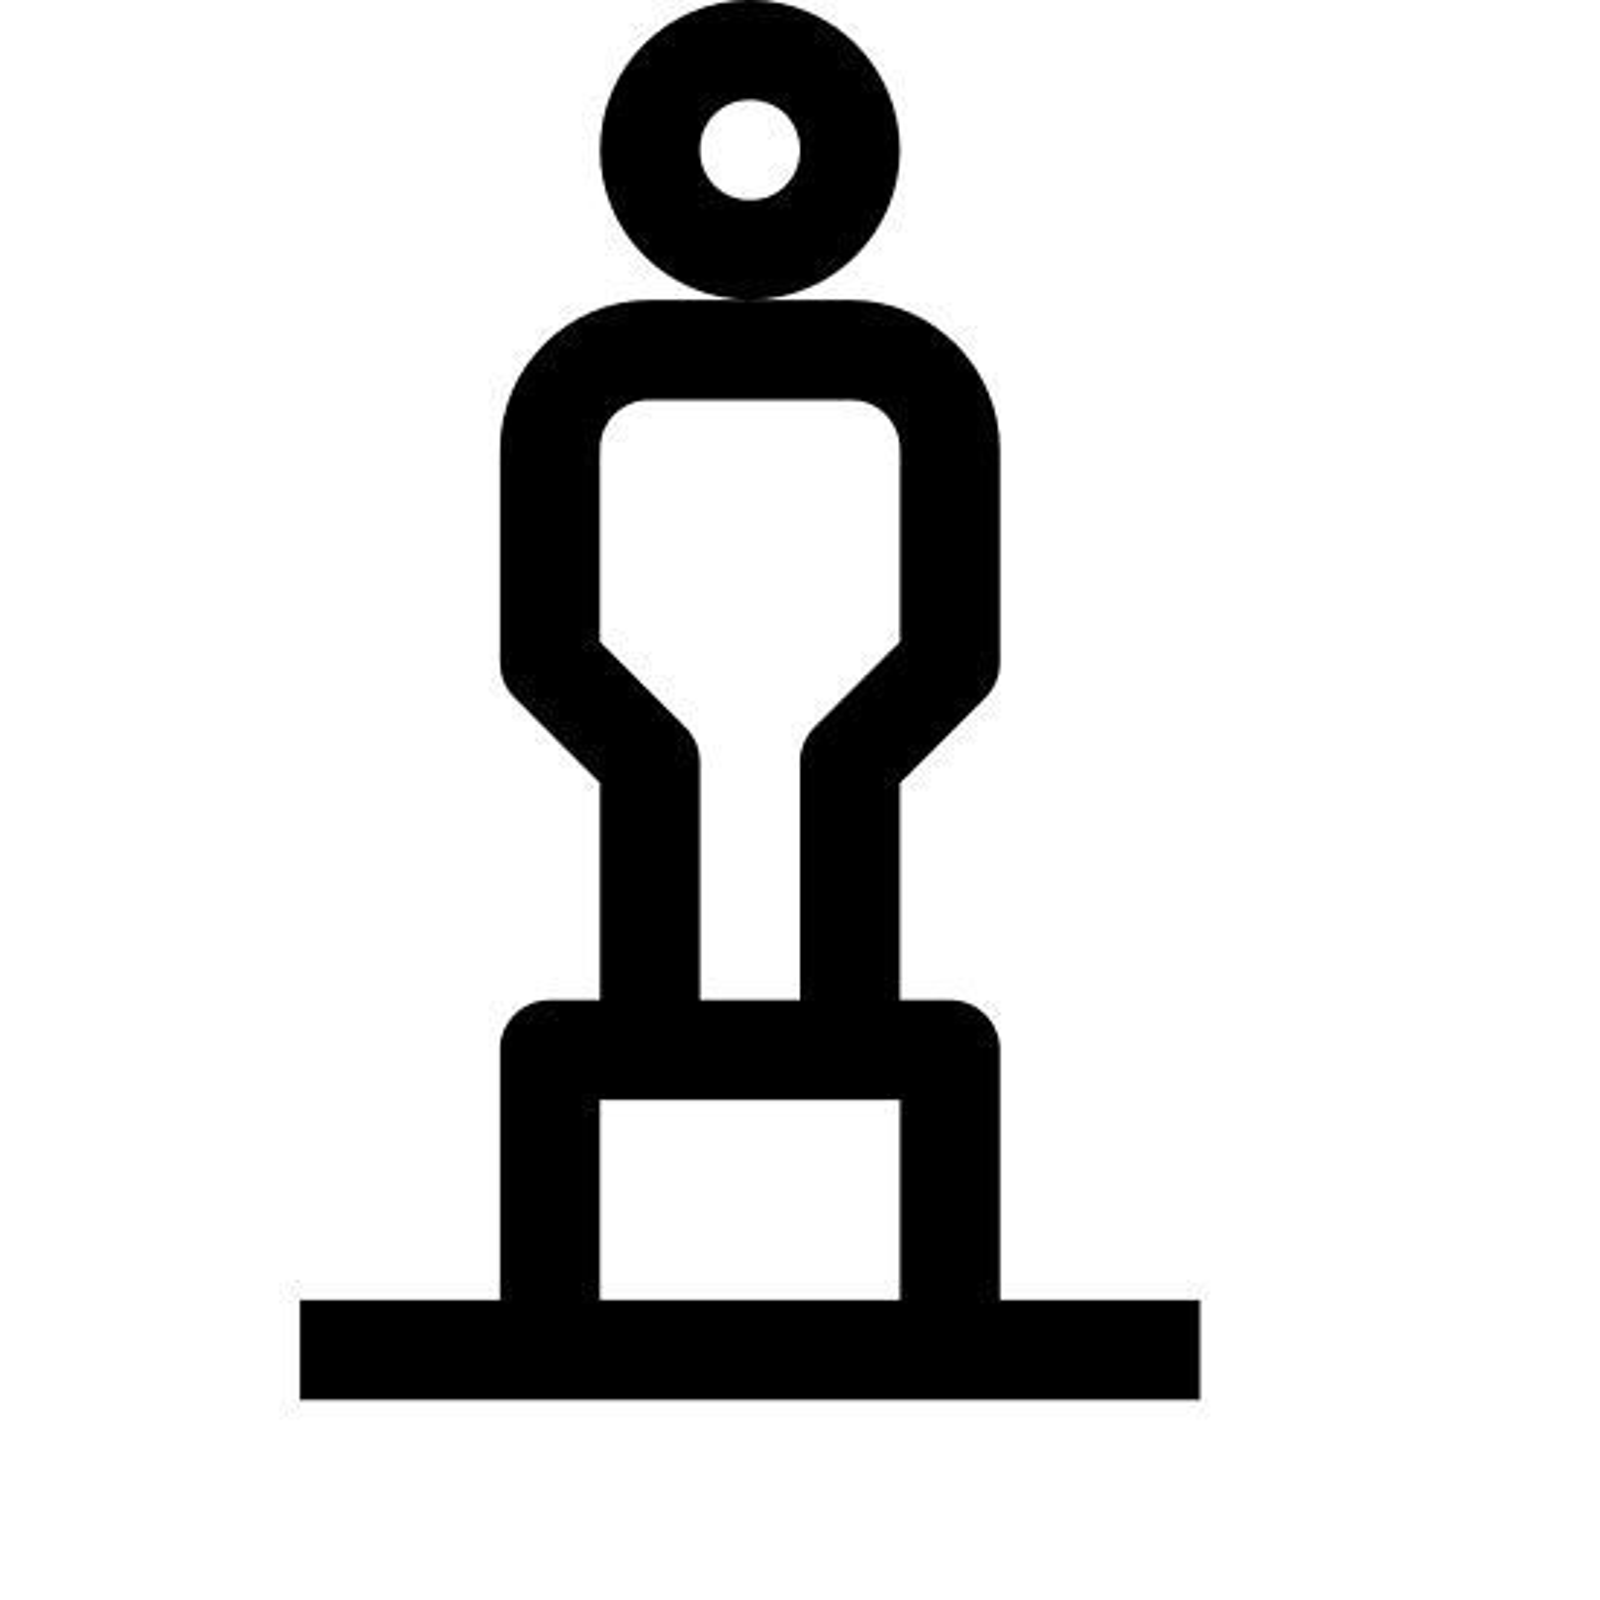 雕像 icon. There are two rectangles on the bottom, with the smaller one stacked on the larger one. On top of the slabs is a figure of a person standing up tall.